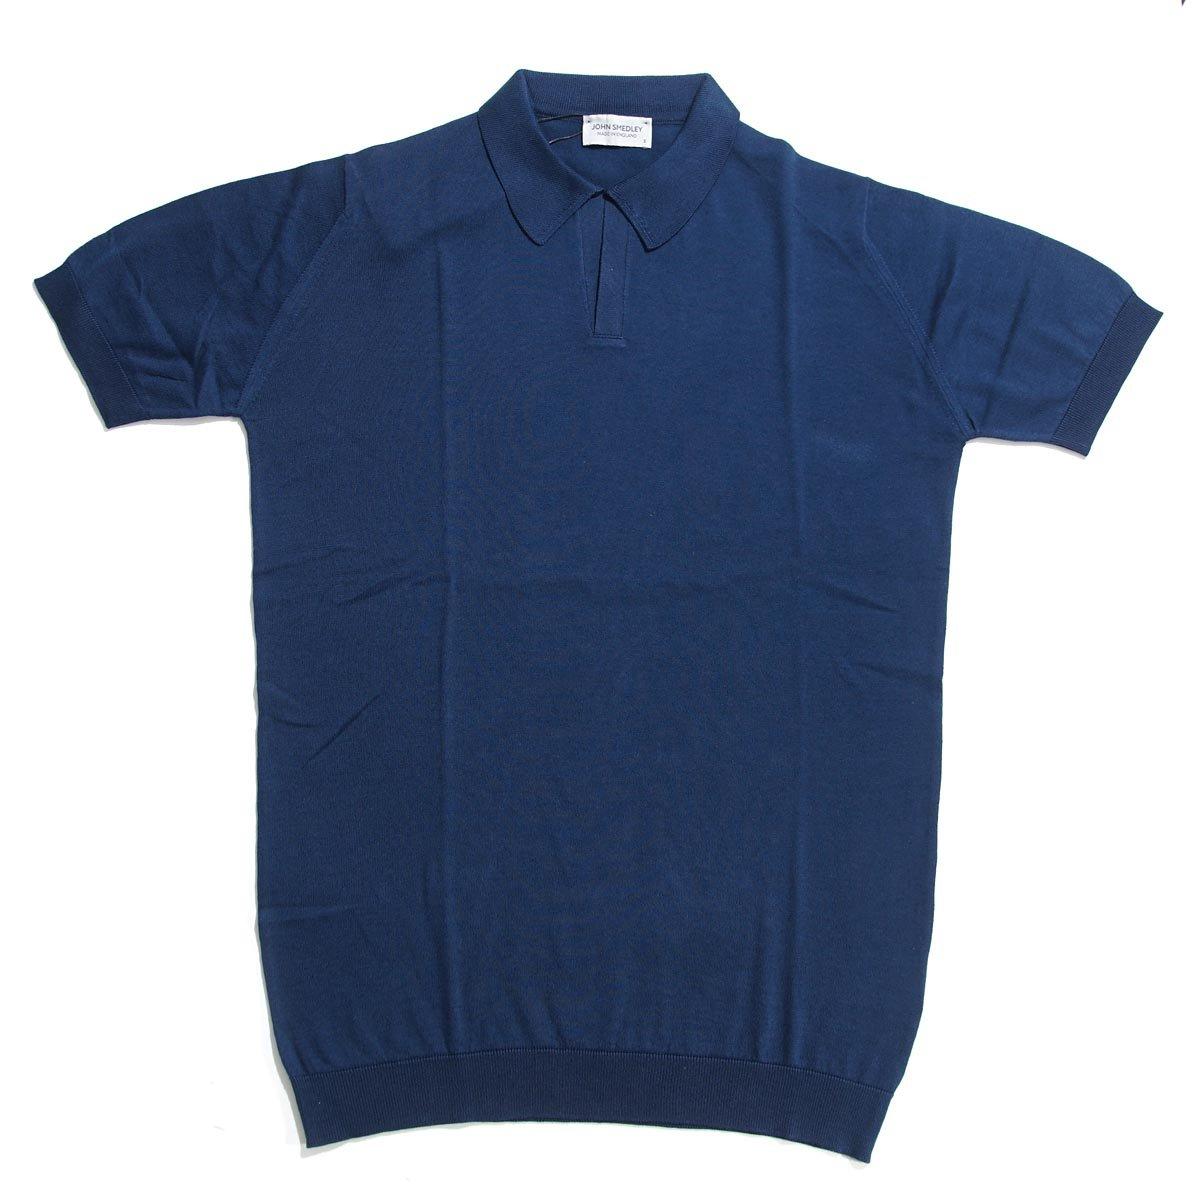 (ジョンスメドレー) JOHN SMEDLEY ニット ポロシャツ/NOAH [並行輸入品] B0771JW7GQ M|インディゴ インディゴ M